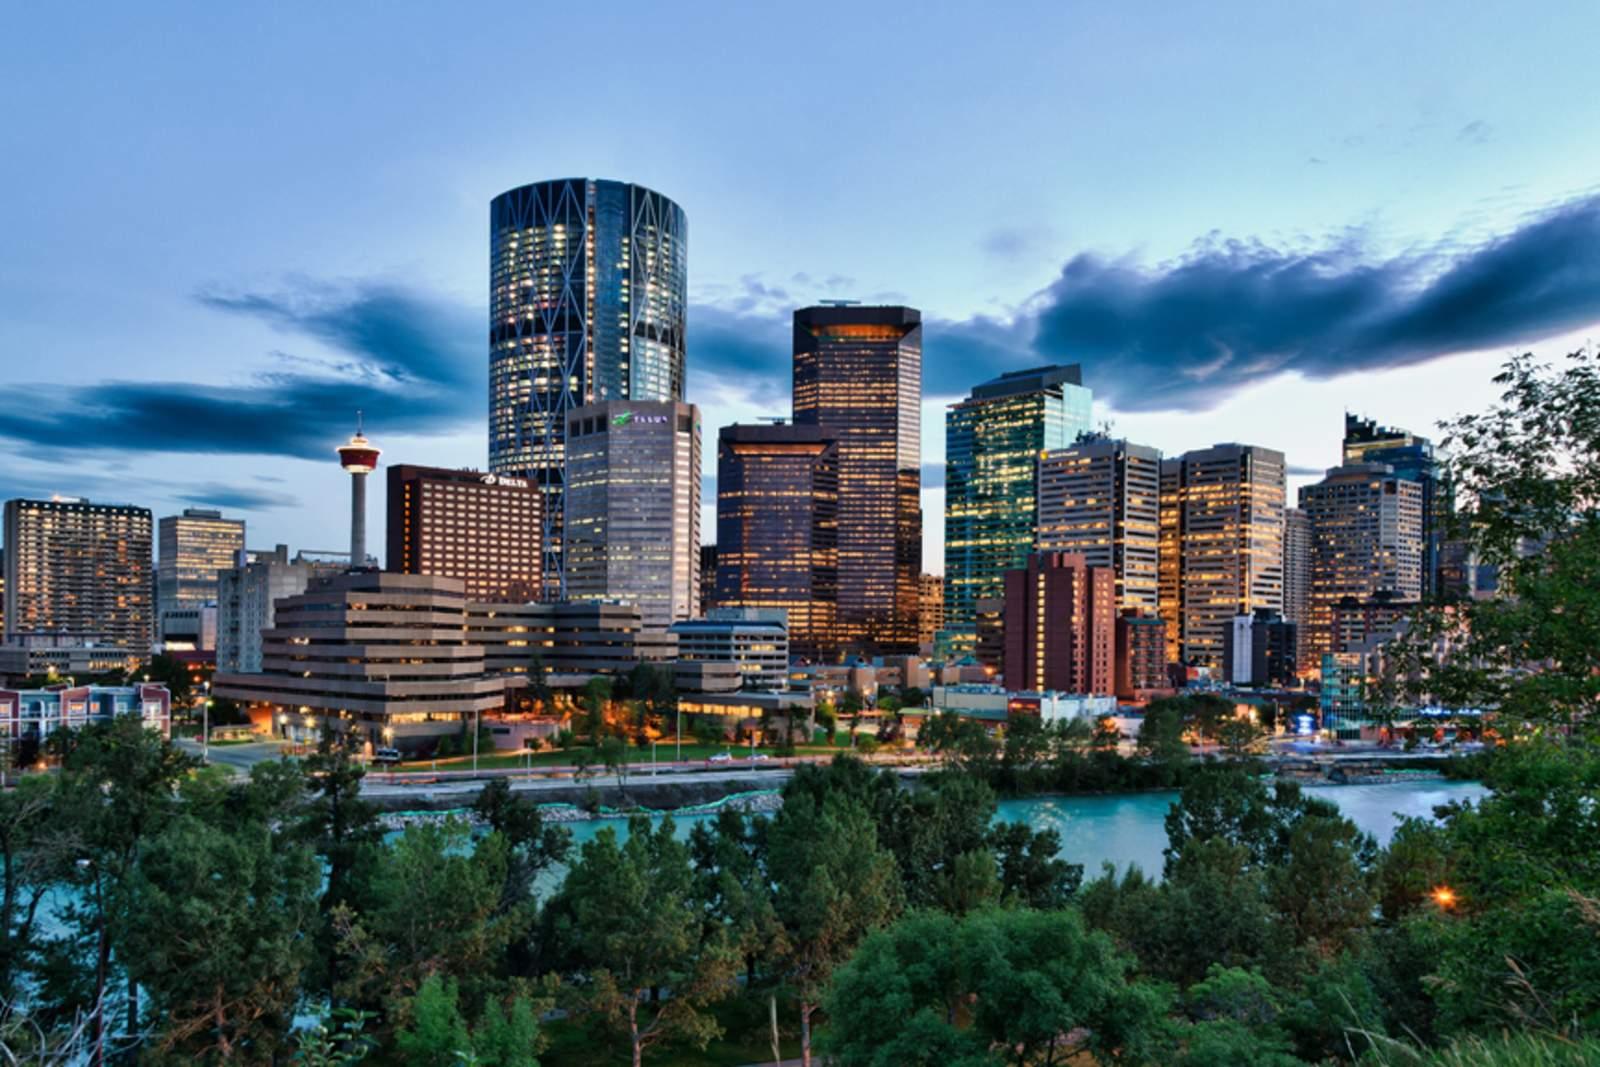 Skyline Dusk, Calgary